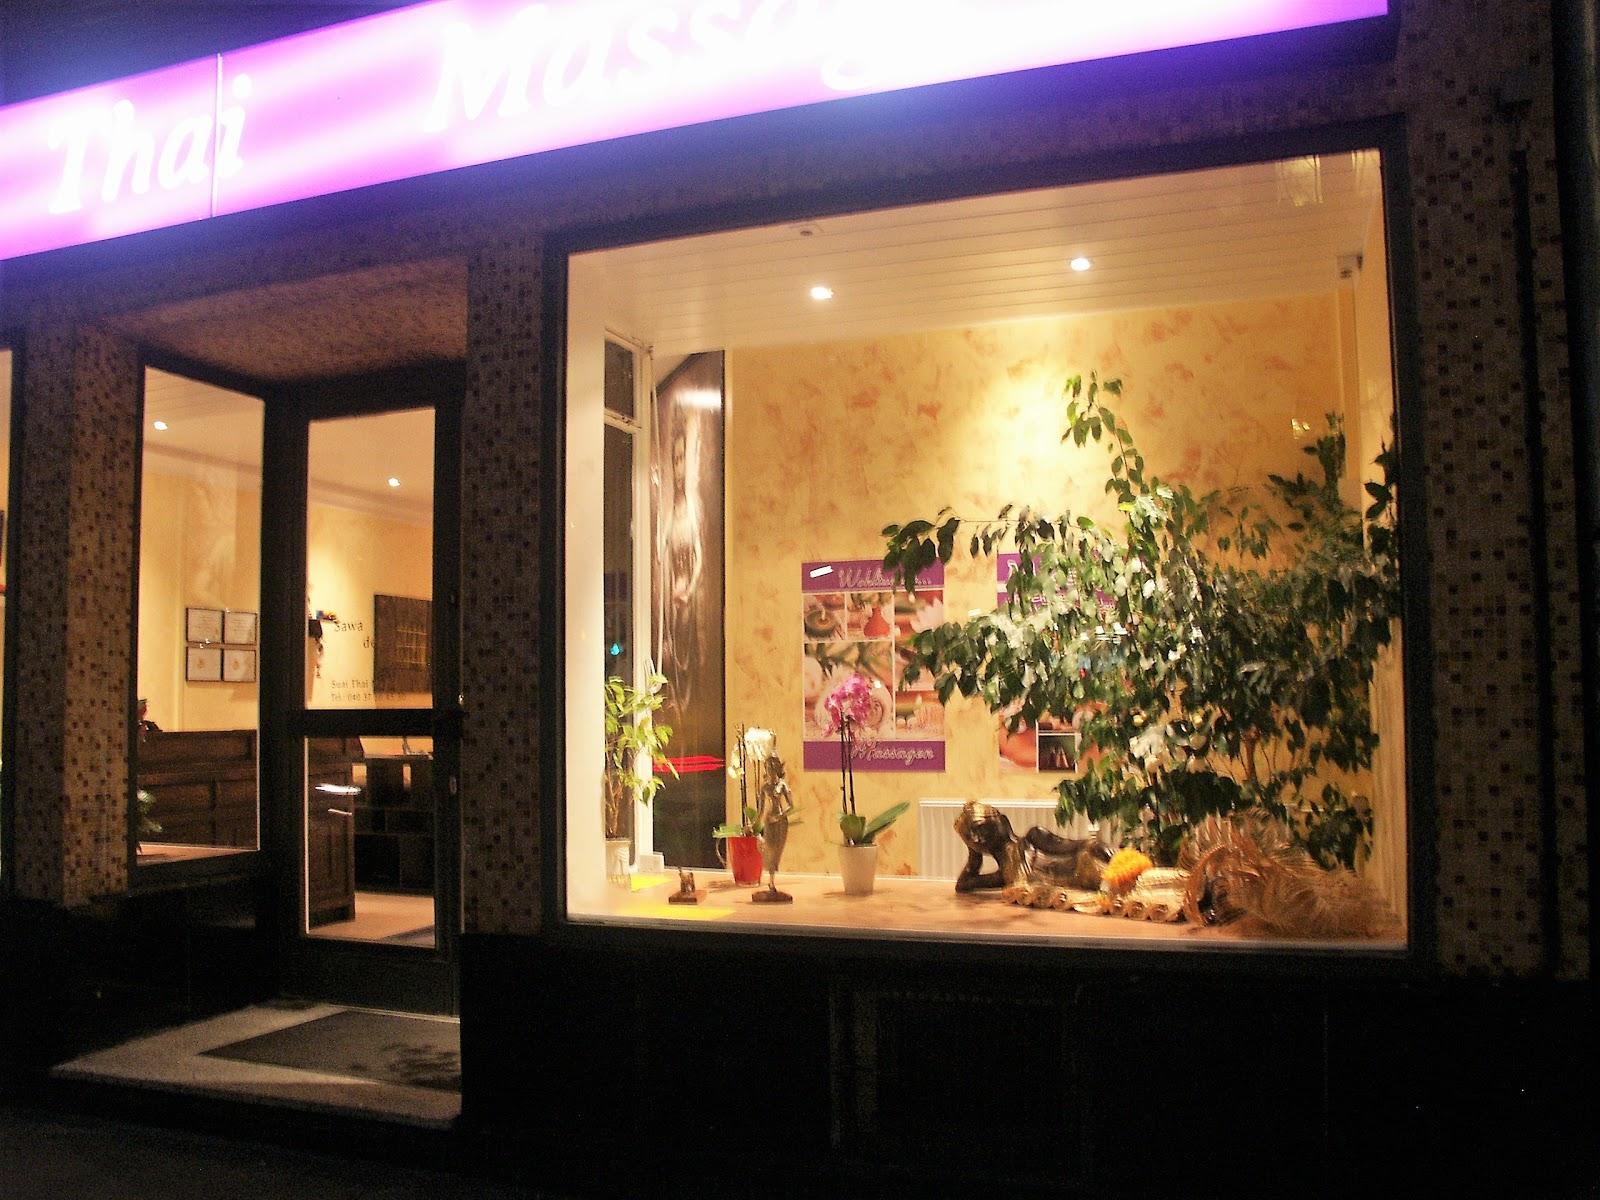 Hamburg thai germany massage Massage therapy